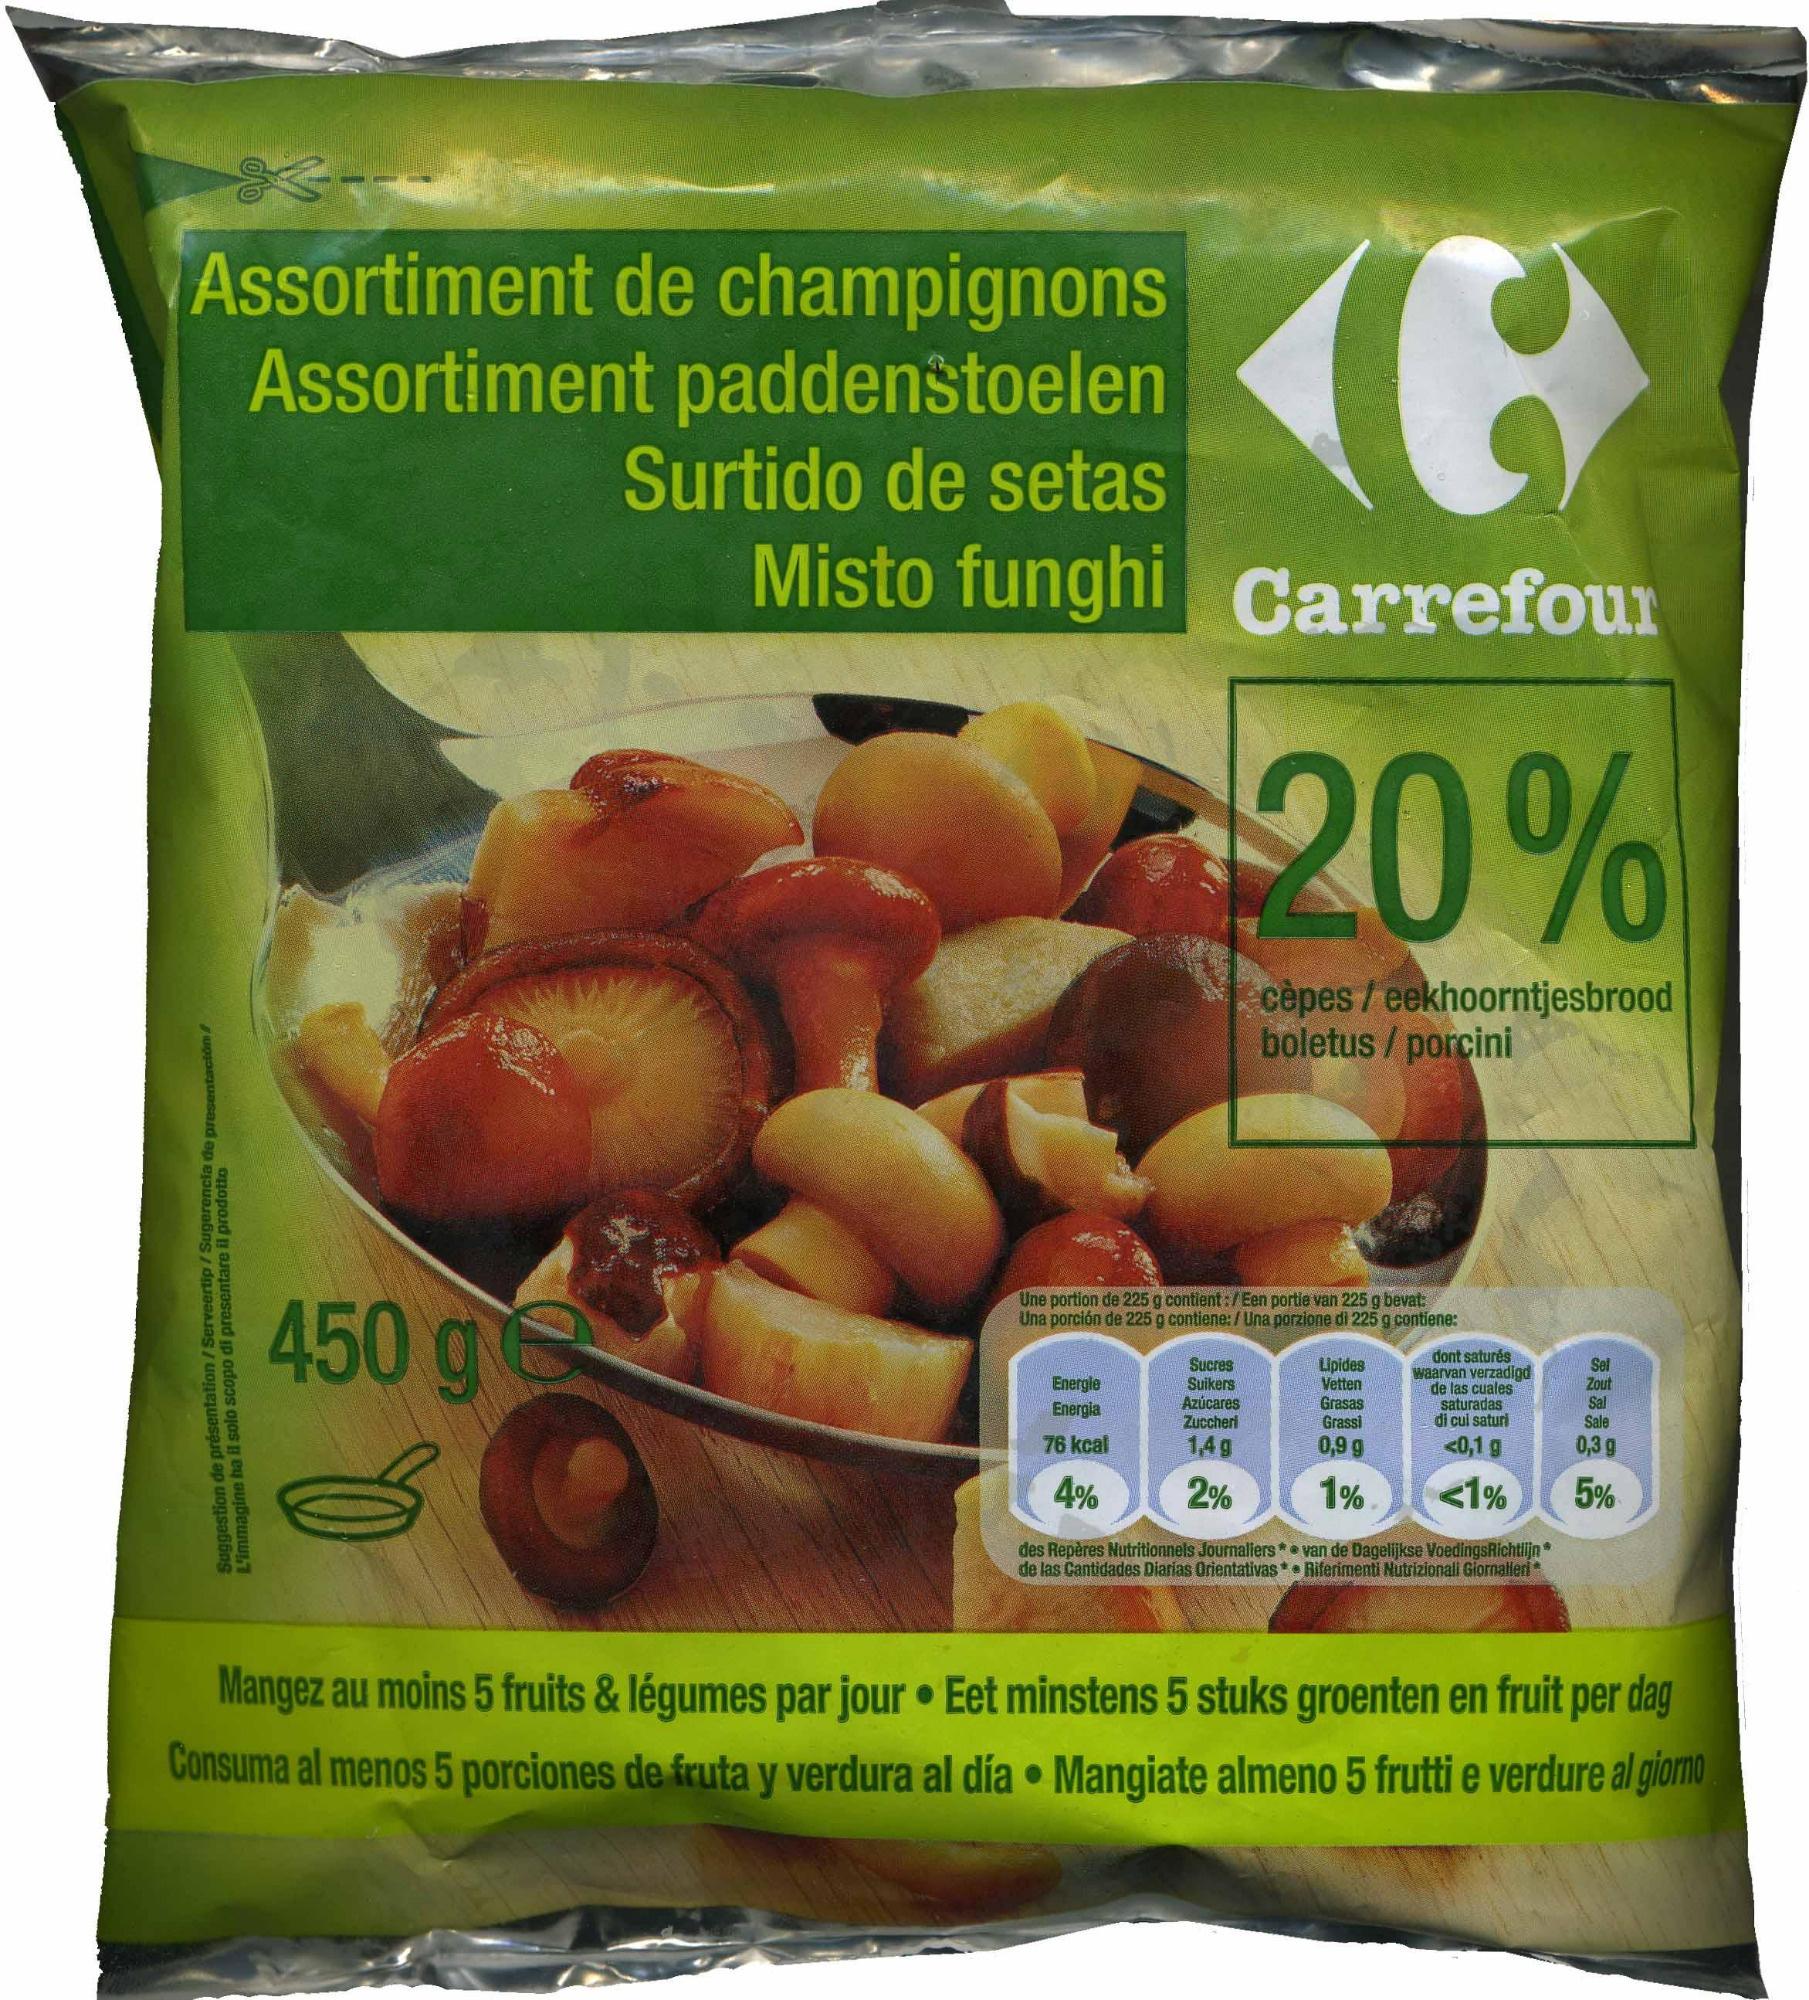 Assortiment de champignons - Producto